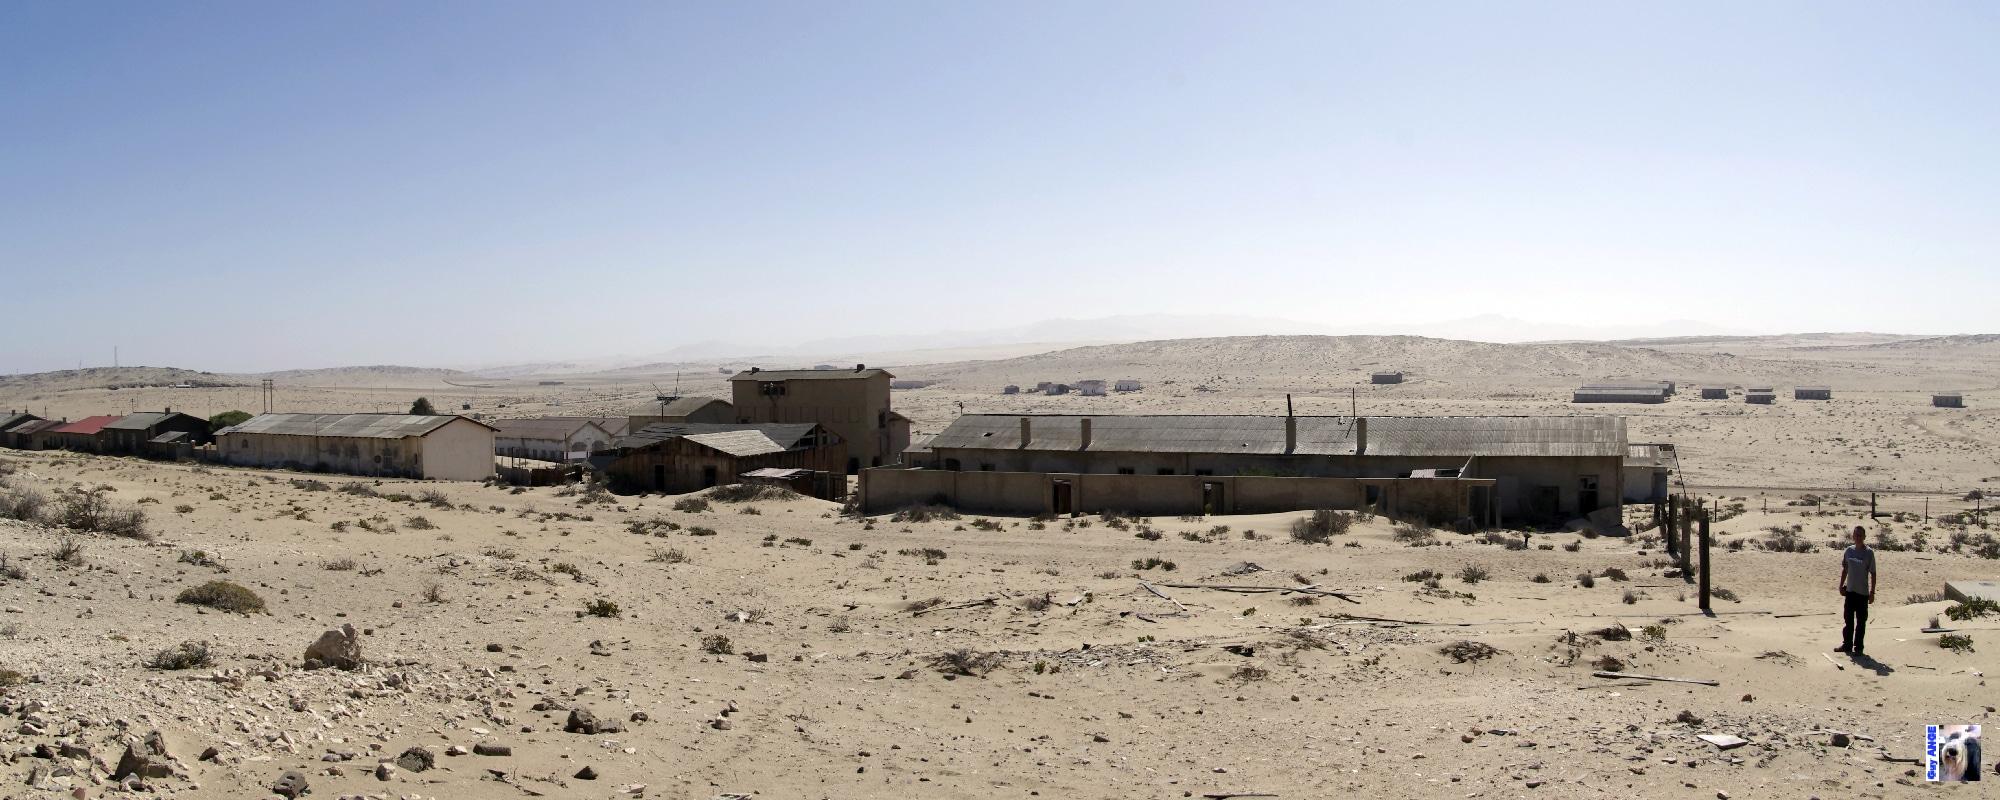 Kolmannskuppe, ville abandonnée en Namibie.